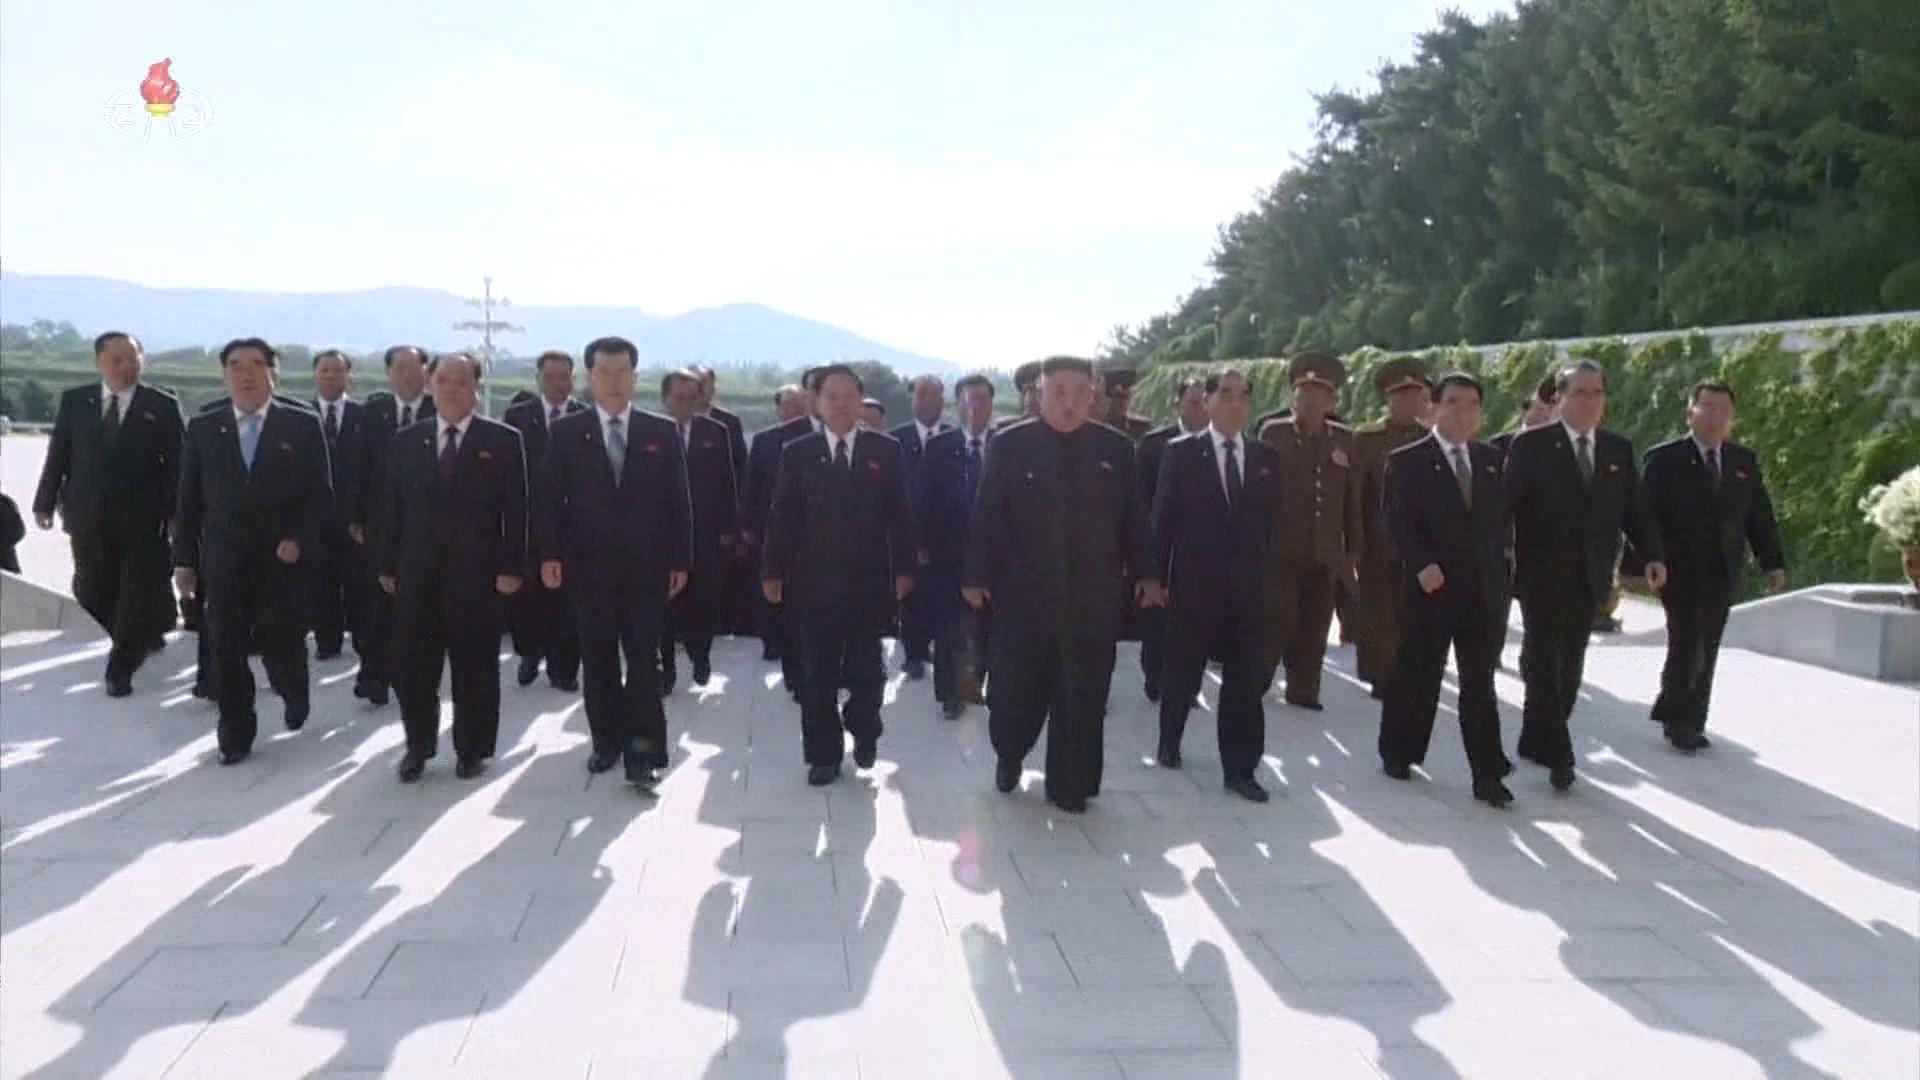 김정은 북한 국무위원장이 김일성 주석 사망 25주기인 8일 김 주석의 시신이 안치된 금수산태양궁전을 참배했다. 사진은 조선중앙TV가 공개한 참배 영상. 시신이 안치된 영생홀에 들어서는 장면[연합뉴스]